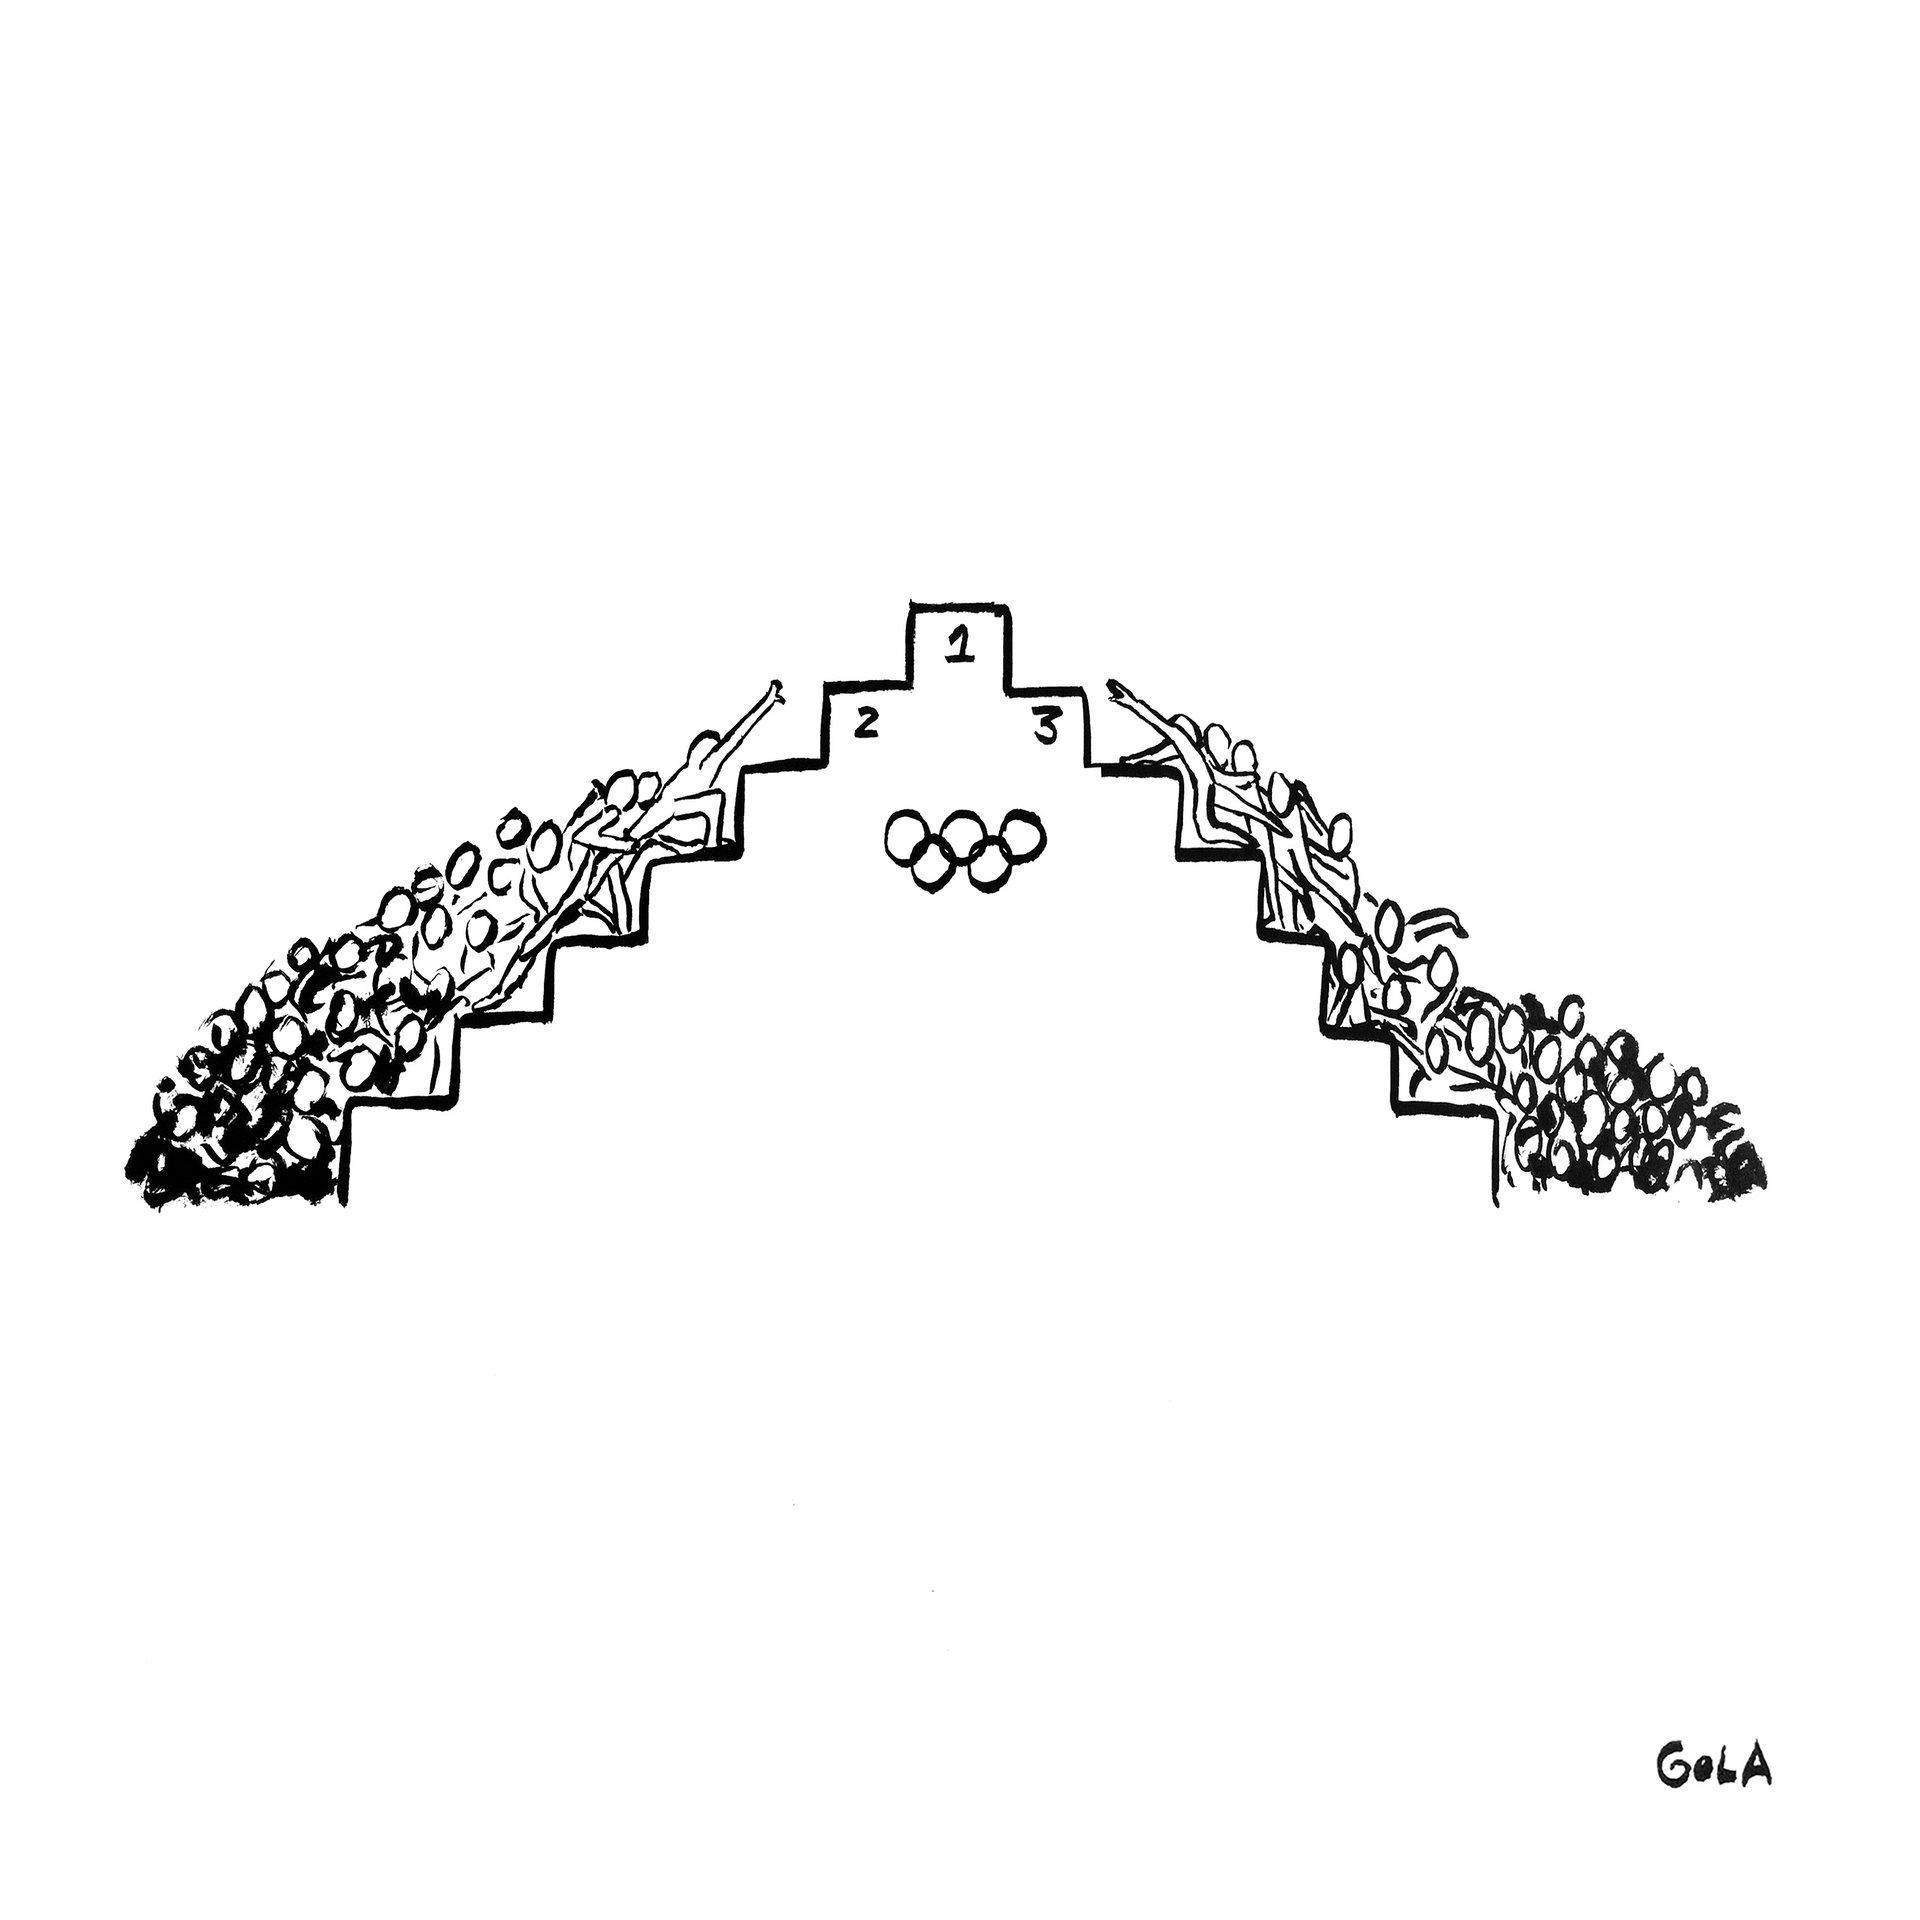 JJOO. Sólo unos pocos_Los Juegos Olímpicos visto por el artista brasileño André Gola FeelCurioso